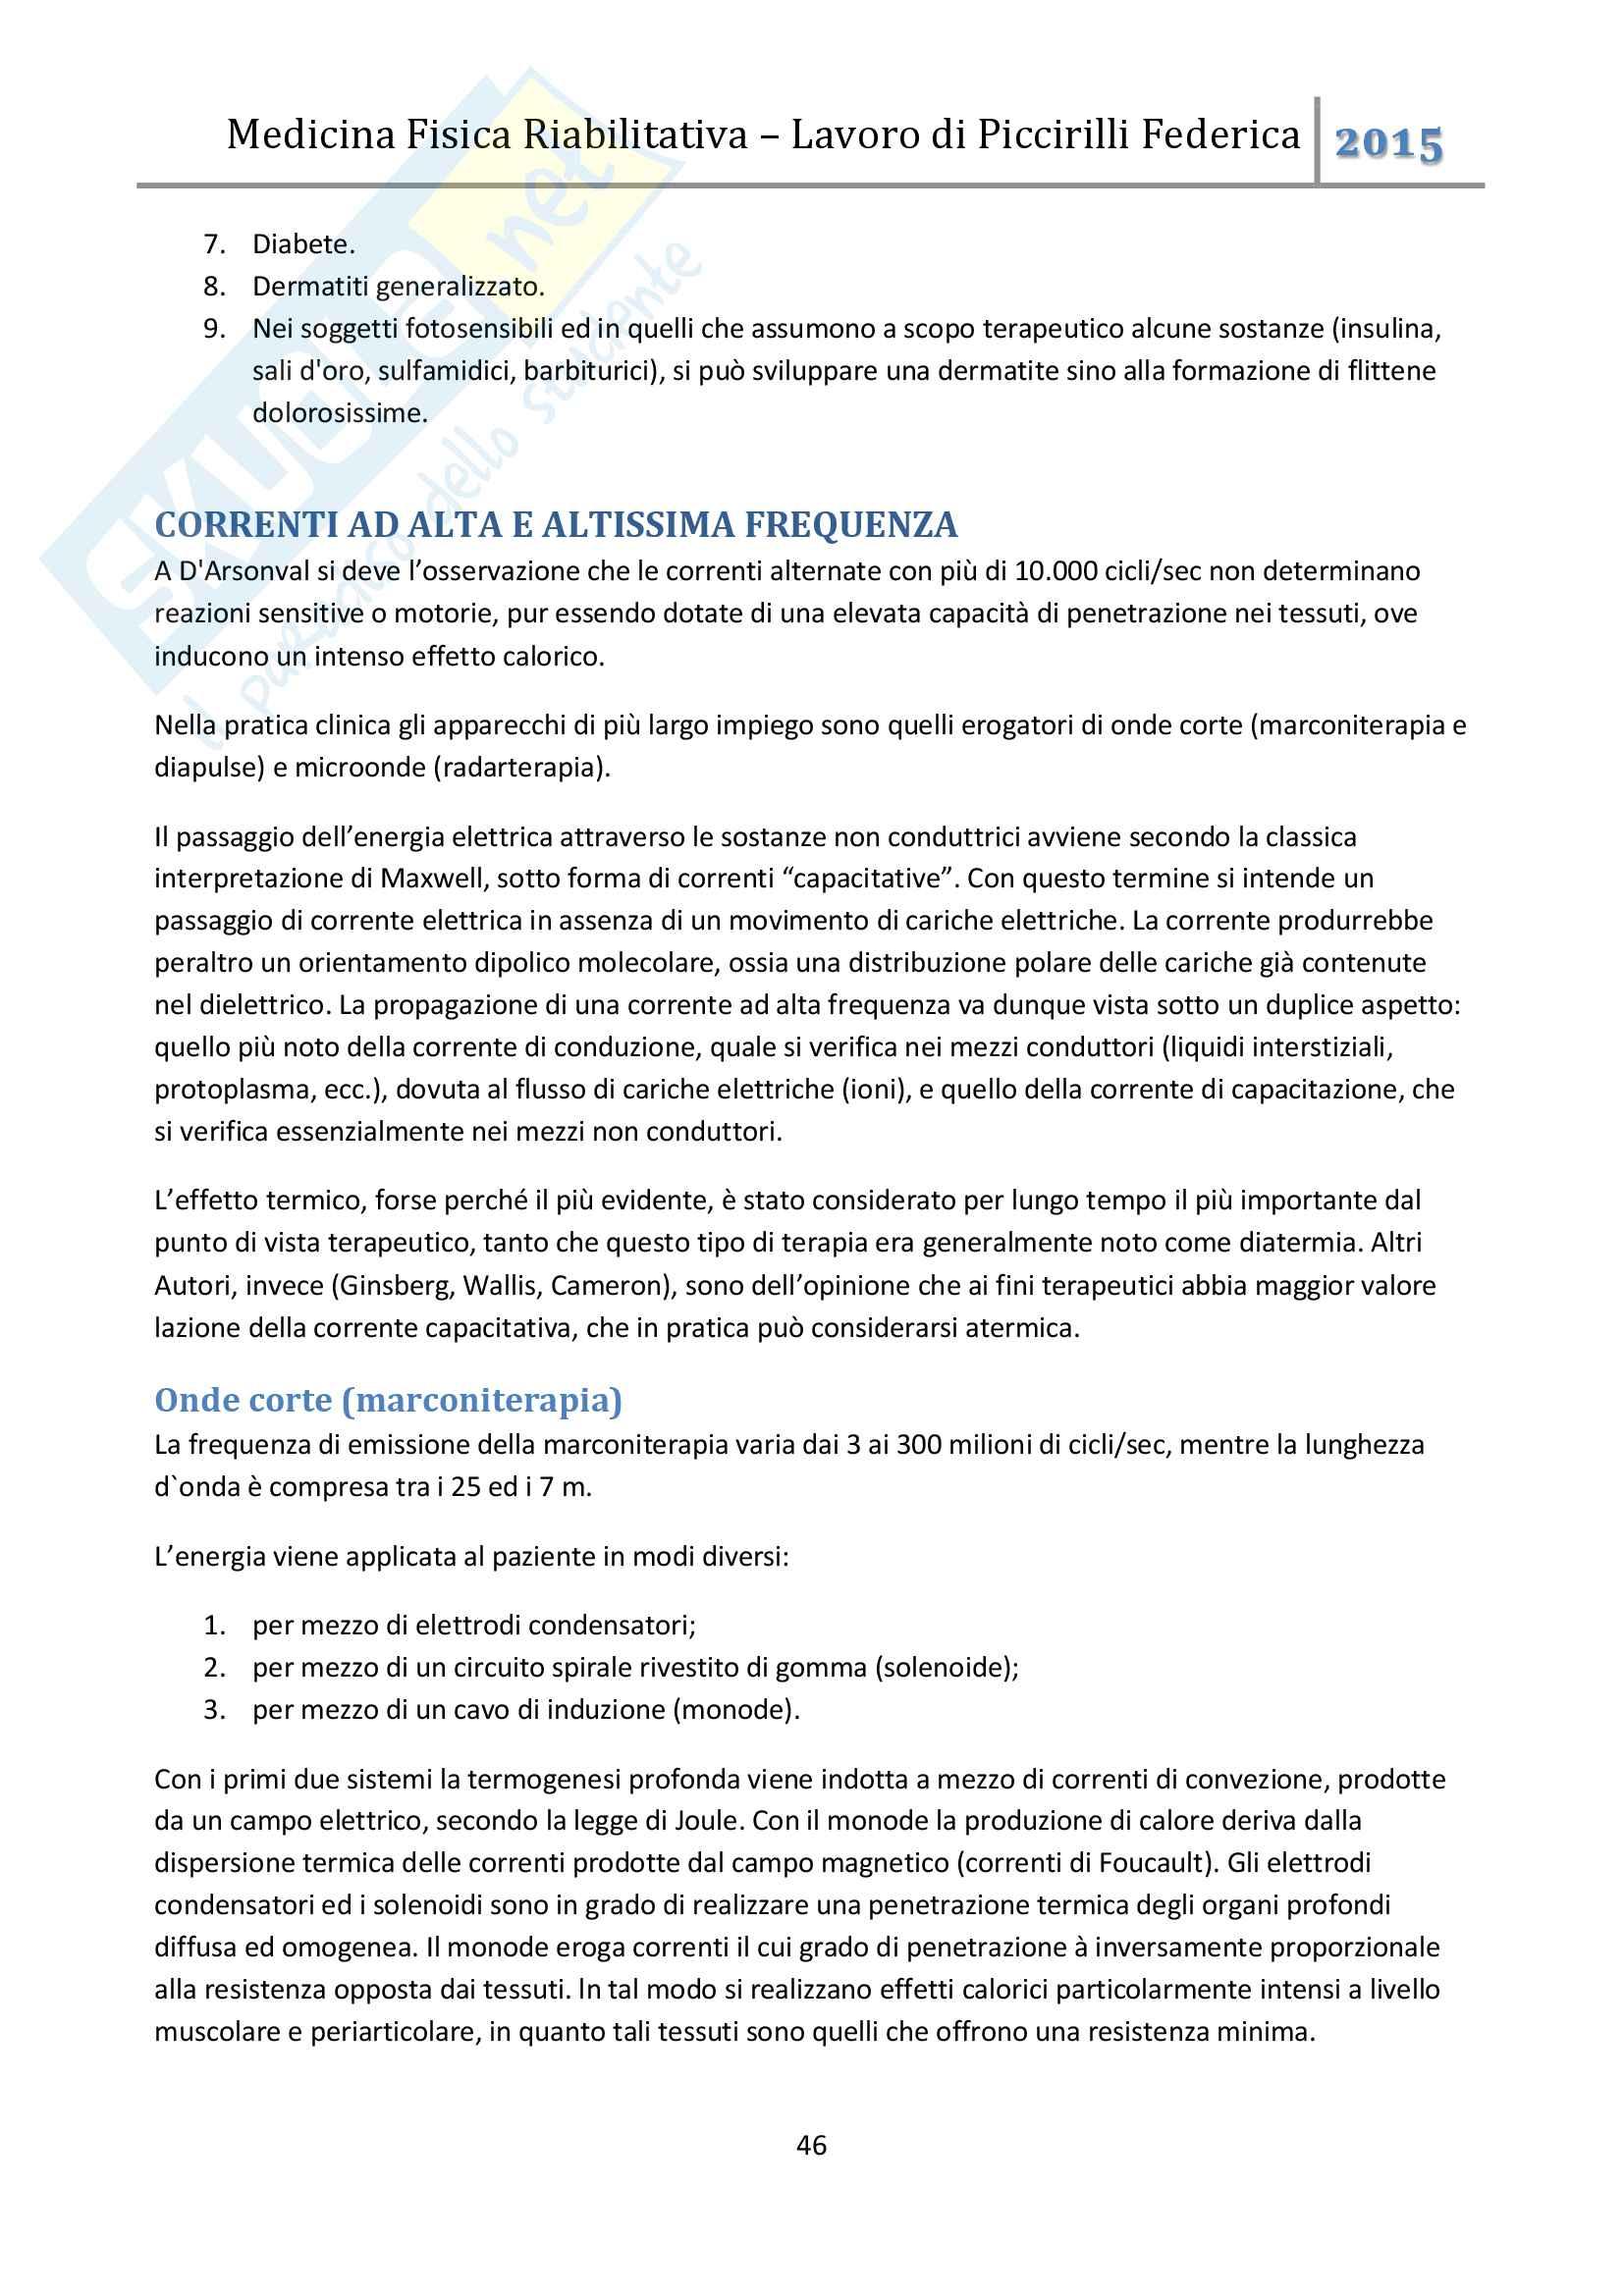 Medicina fisica riabilitativa Pag. 46